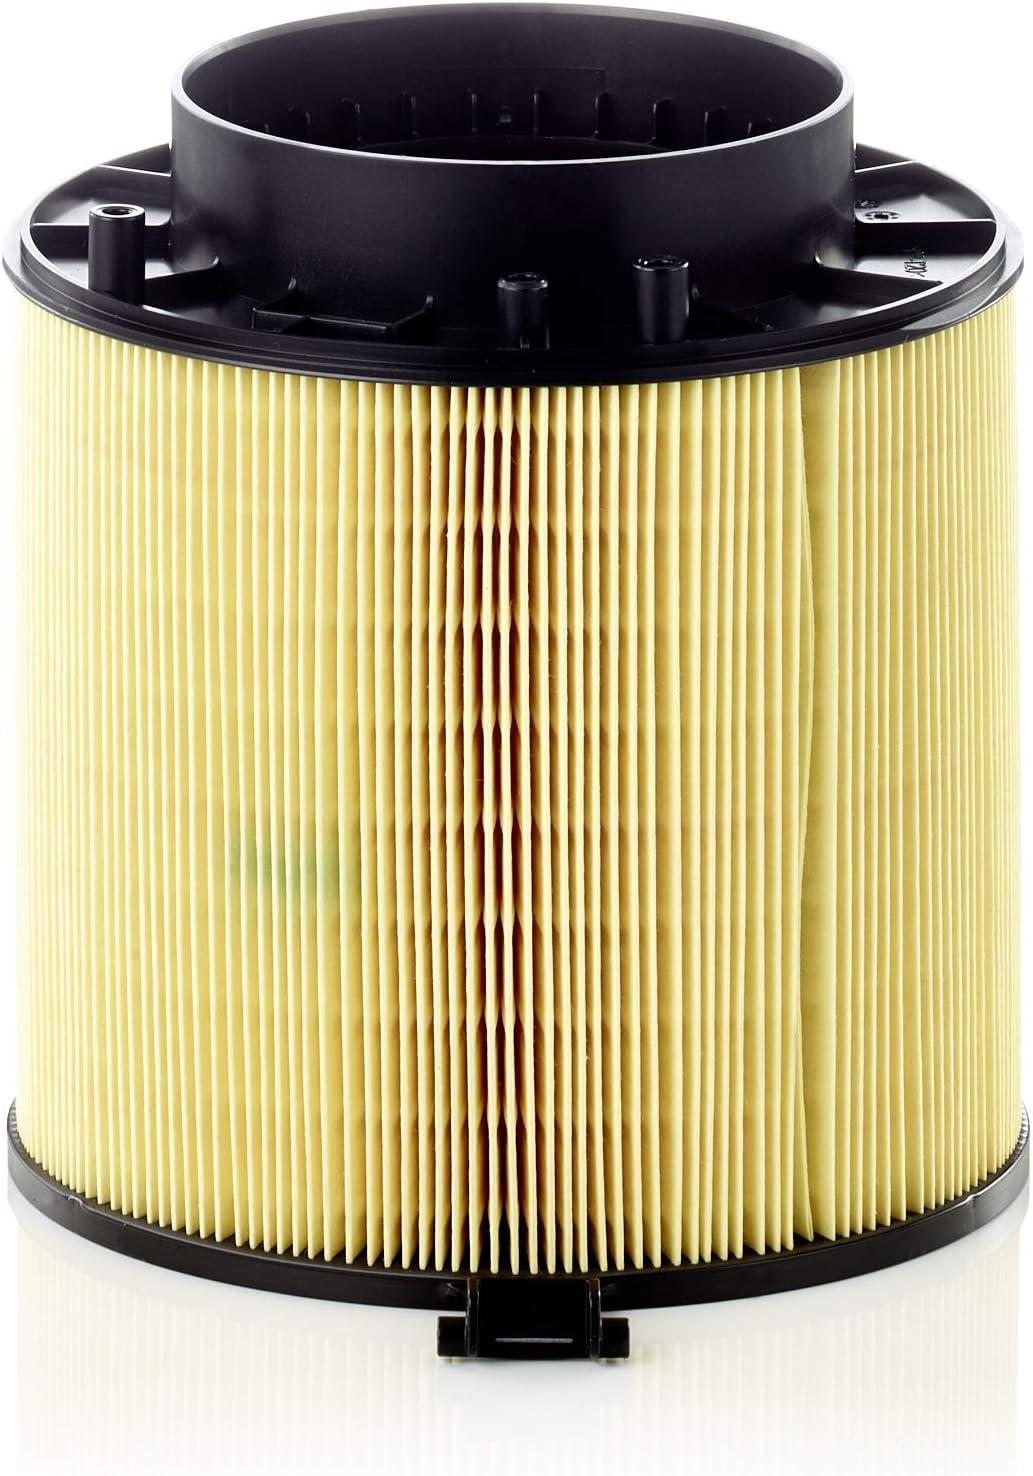 Original Mann Filter Luftfilter C 16 114 X Für Pkw Auto